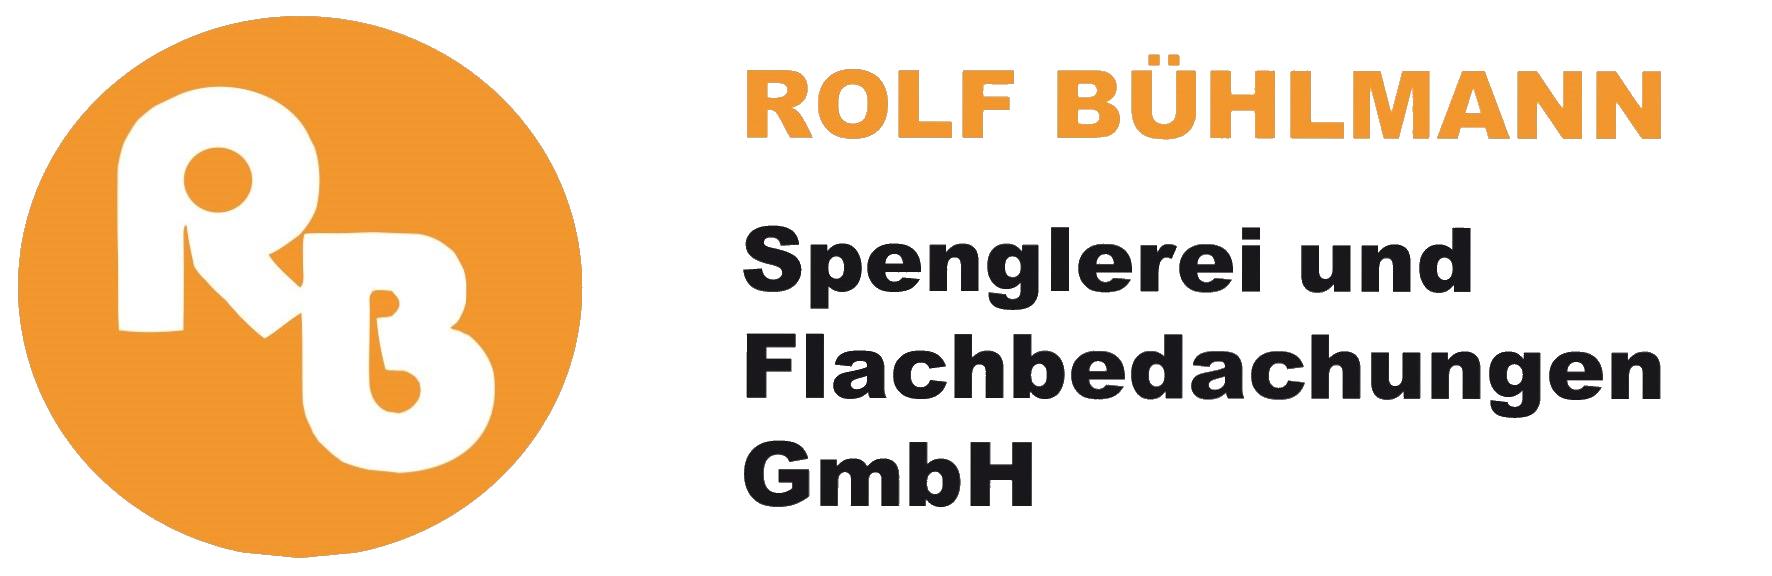 Rolf Bühlmann Logo_Hintergrund Trasparent.png